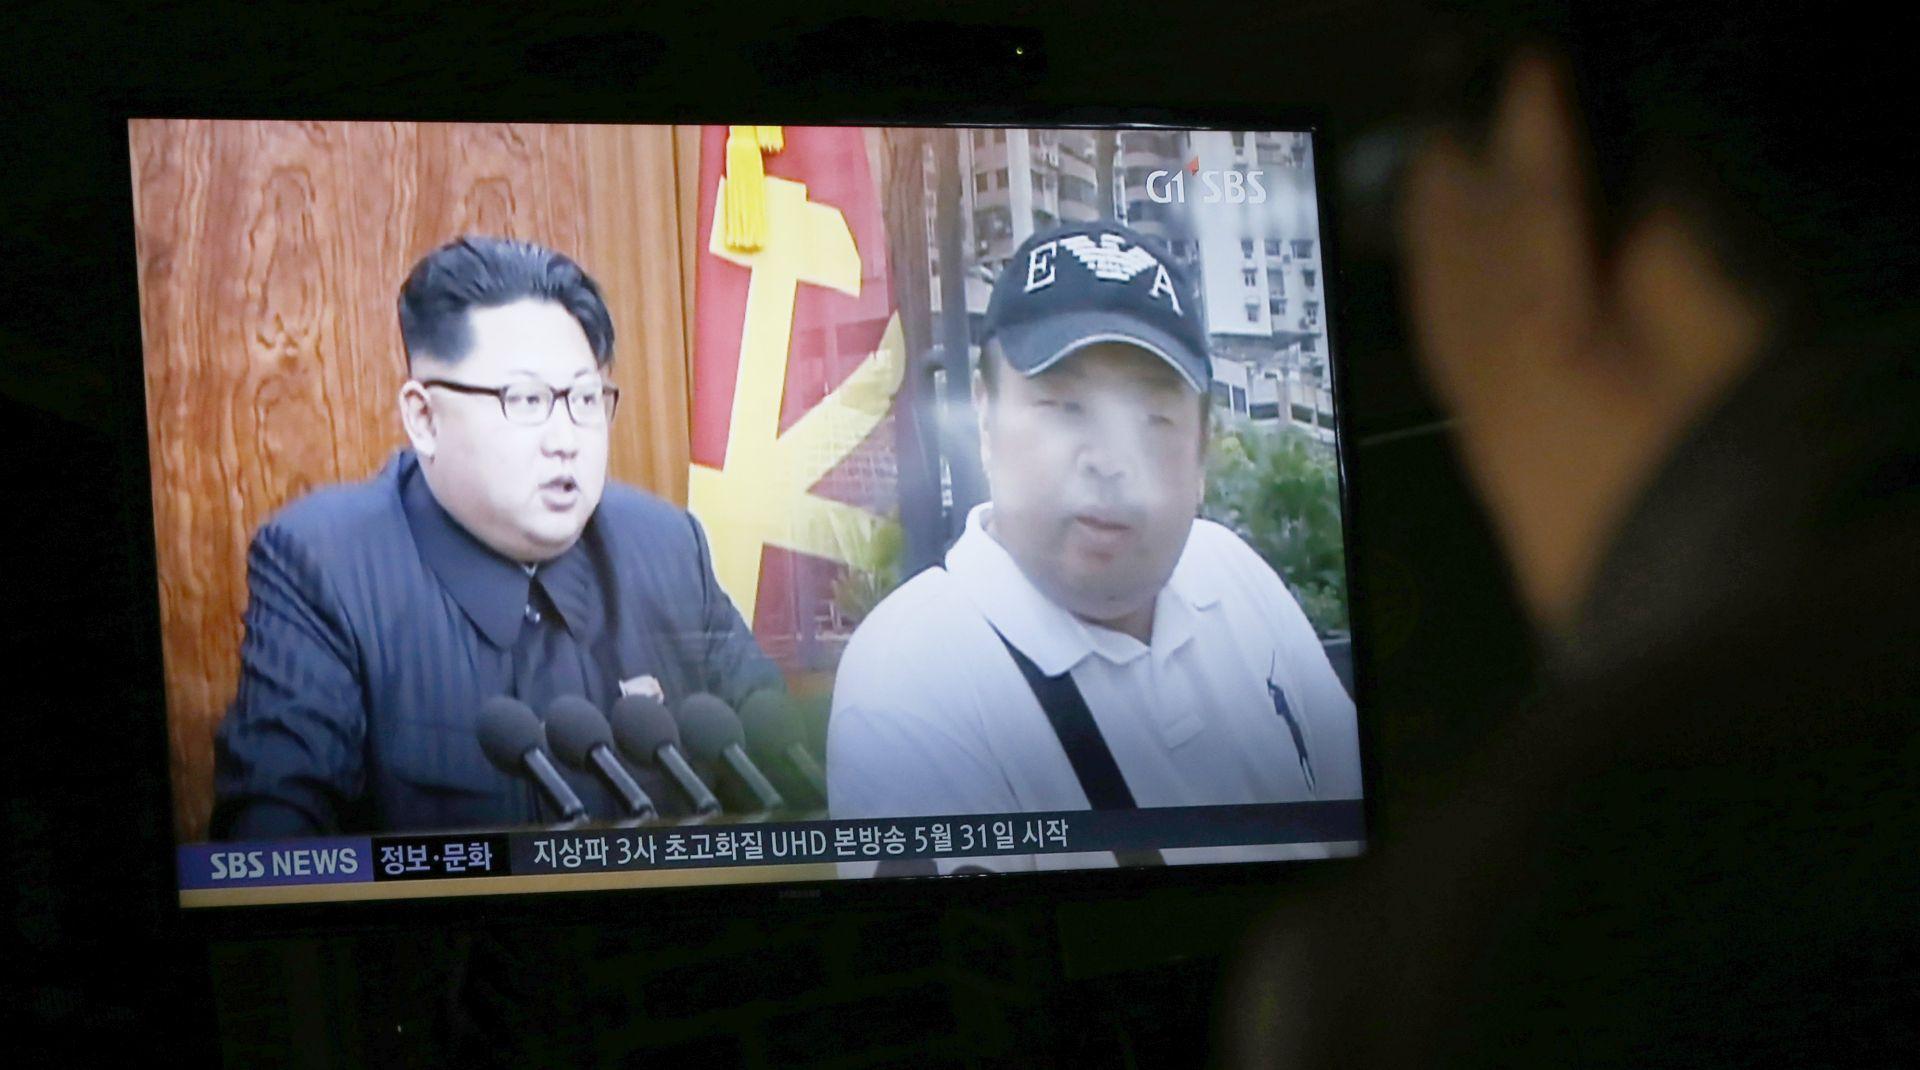 Malezija dopustila povratak tijela Kim Jong Nama u Sj. Koreju